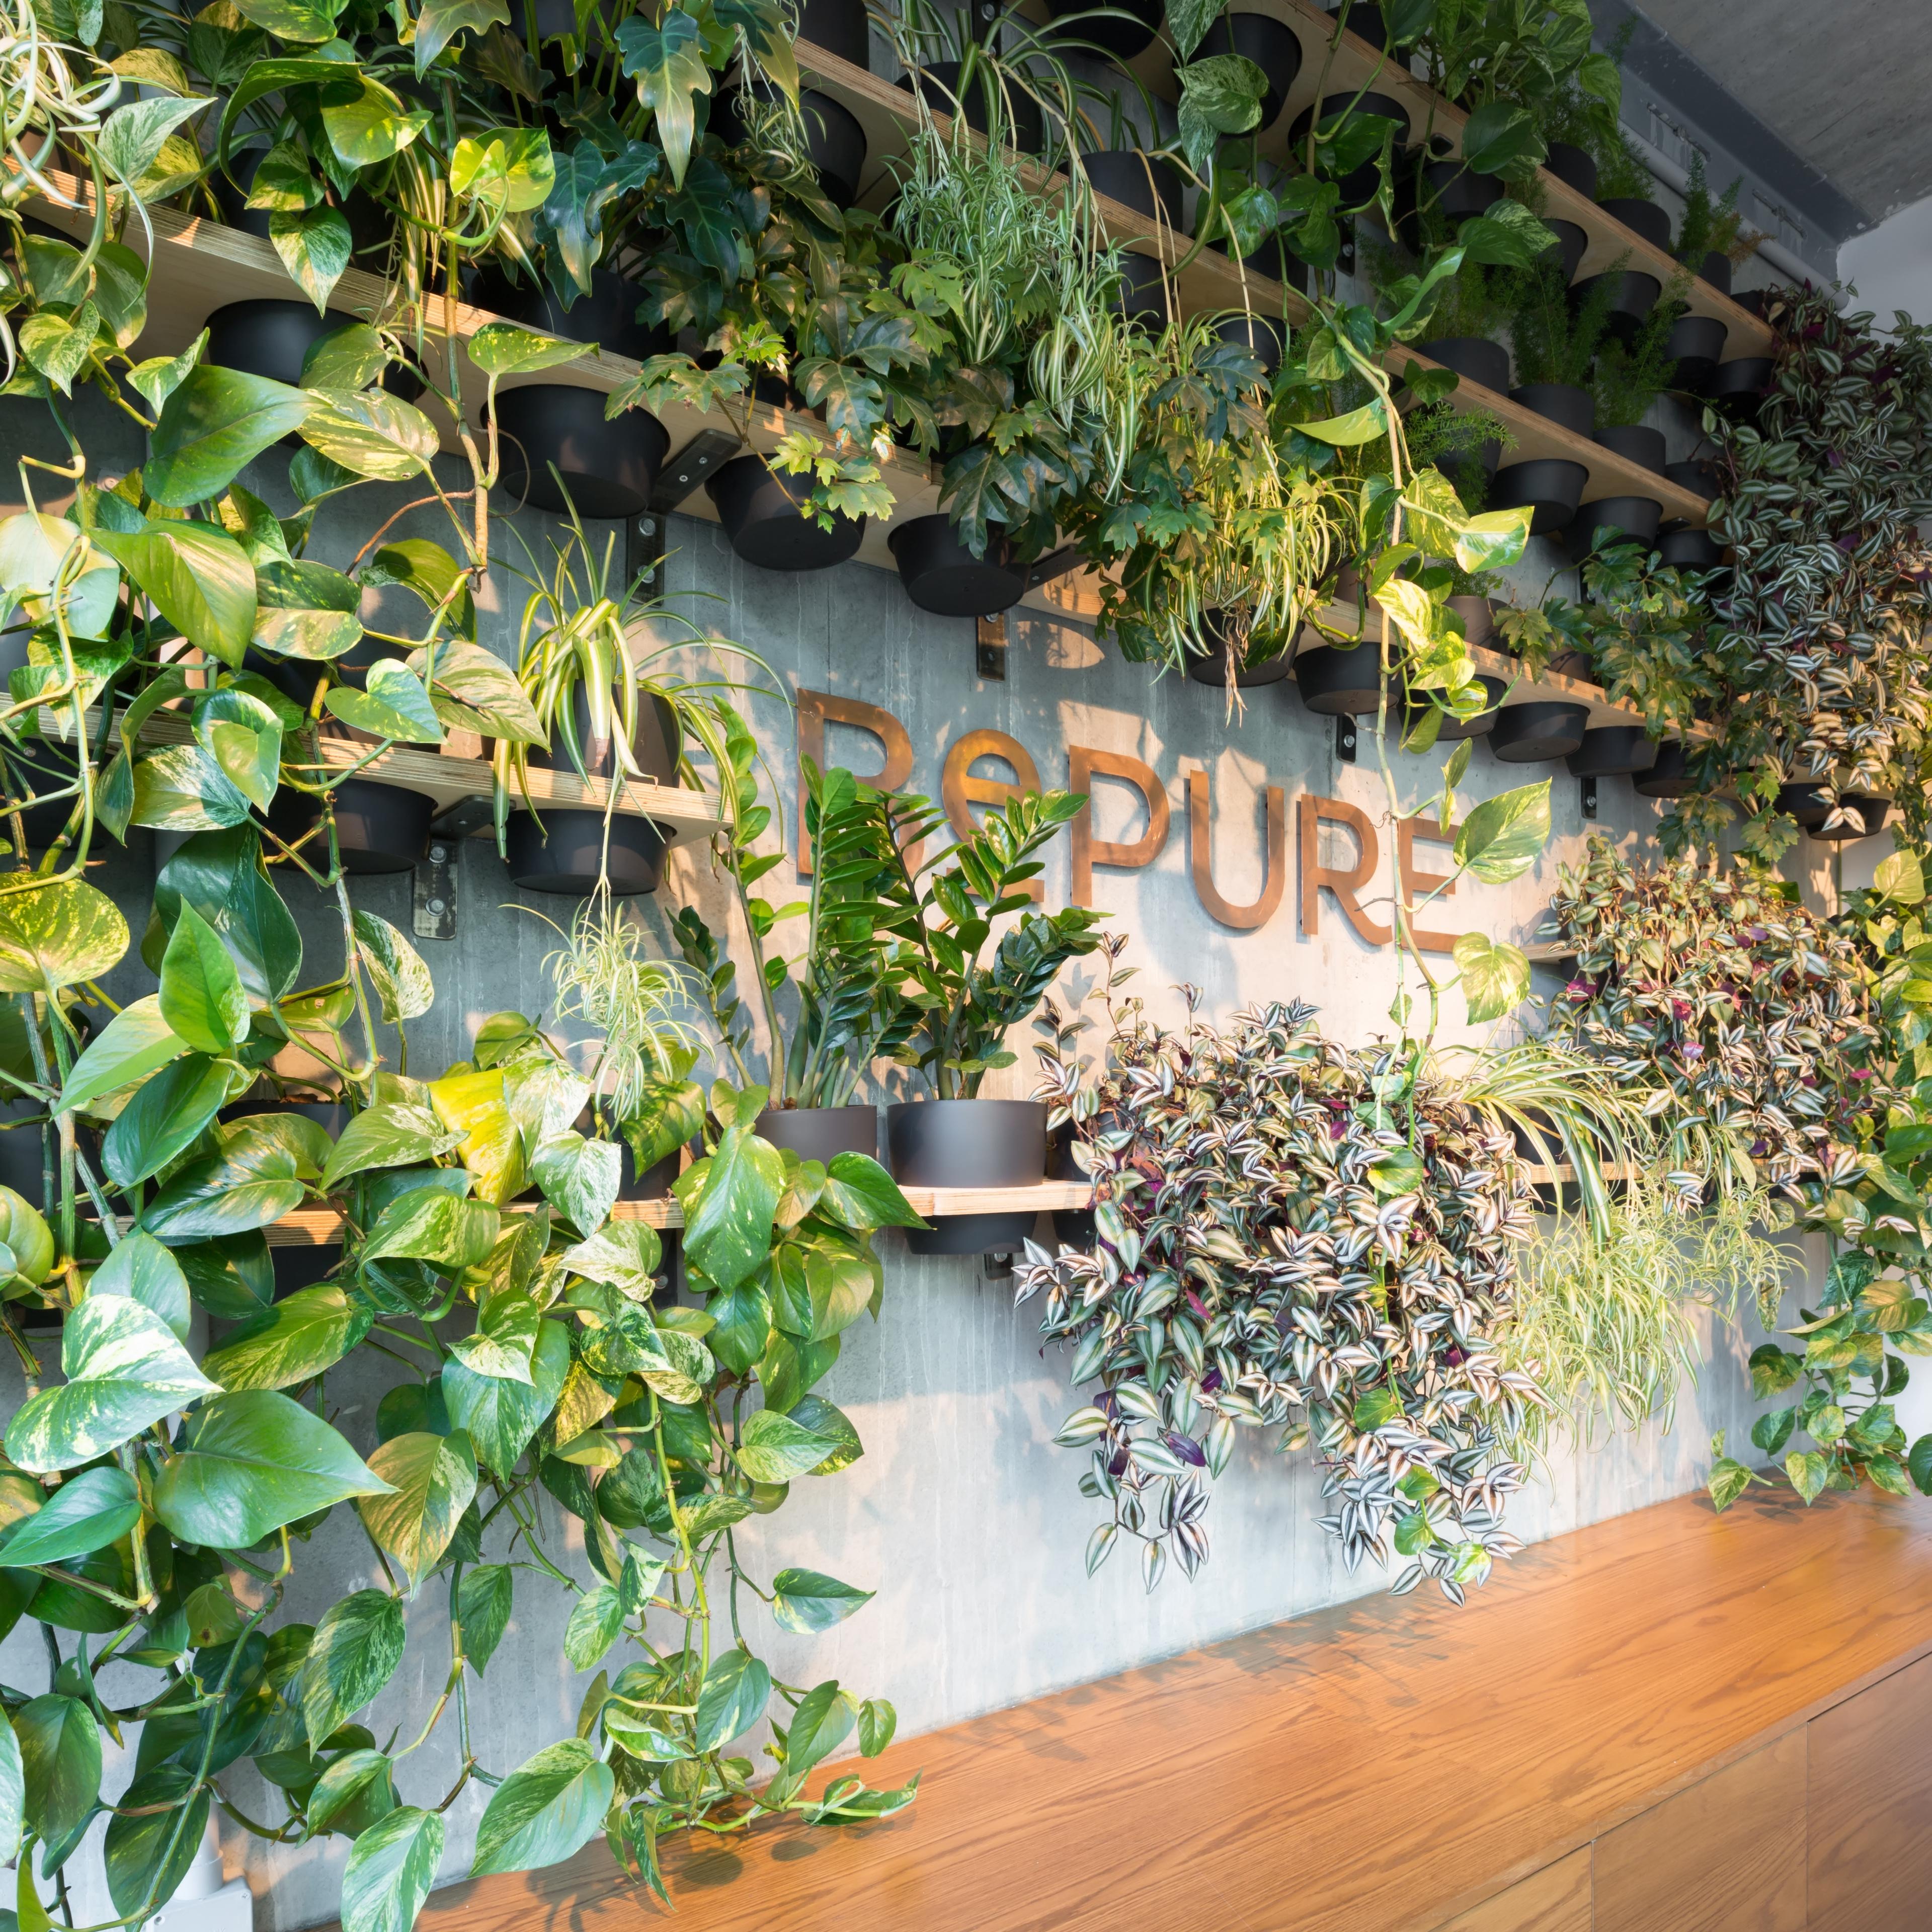 portfolio-offices-spaces-bepure-image3